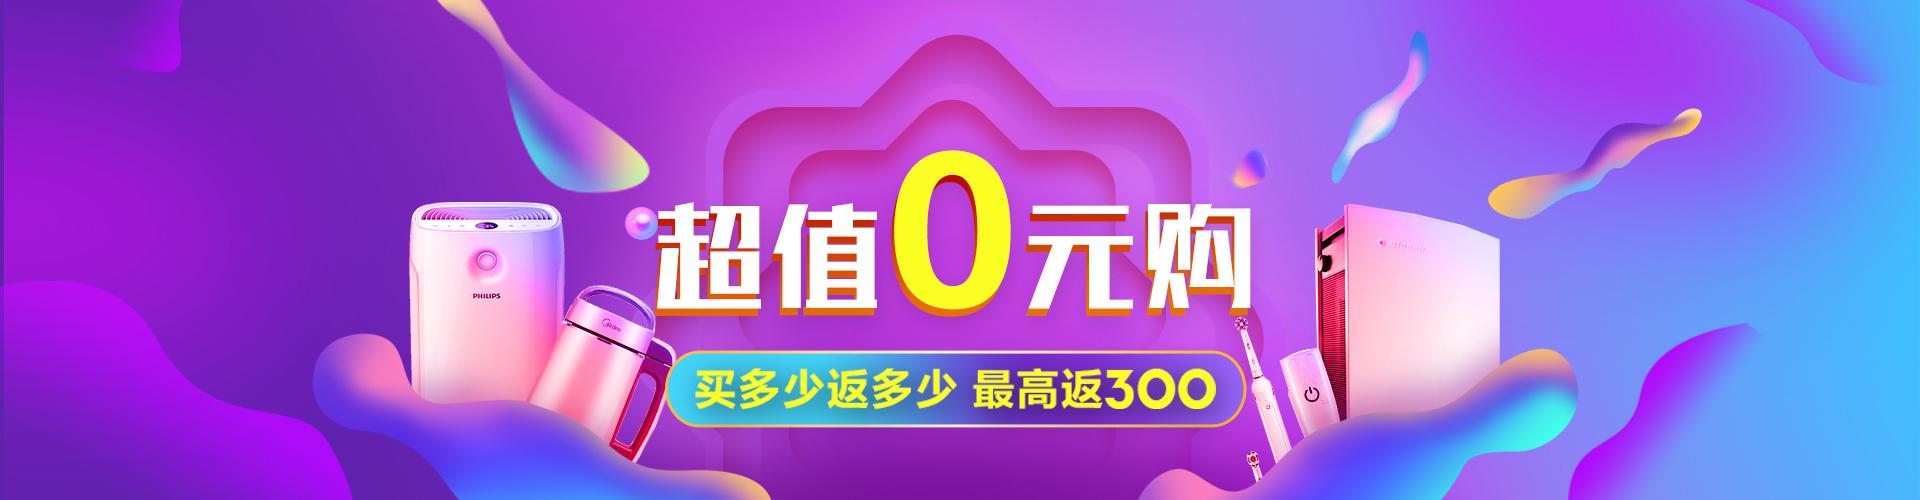 苏宁0元购活动,买多少返多少 最高300元图片